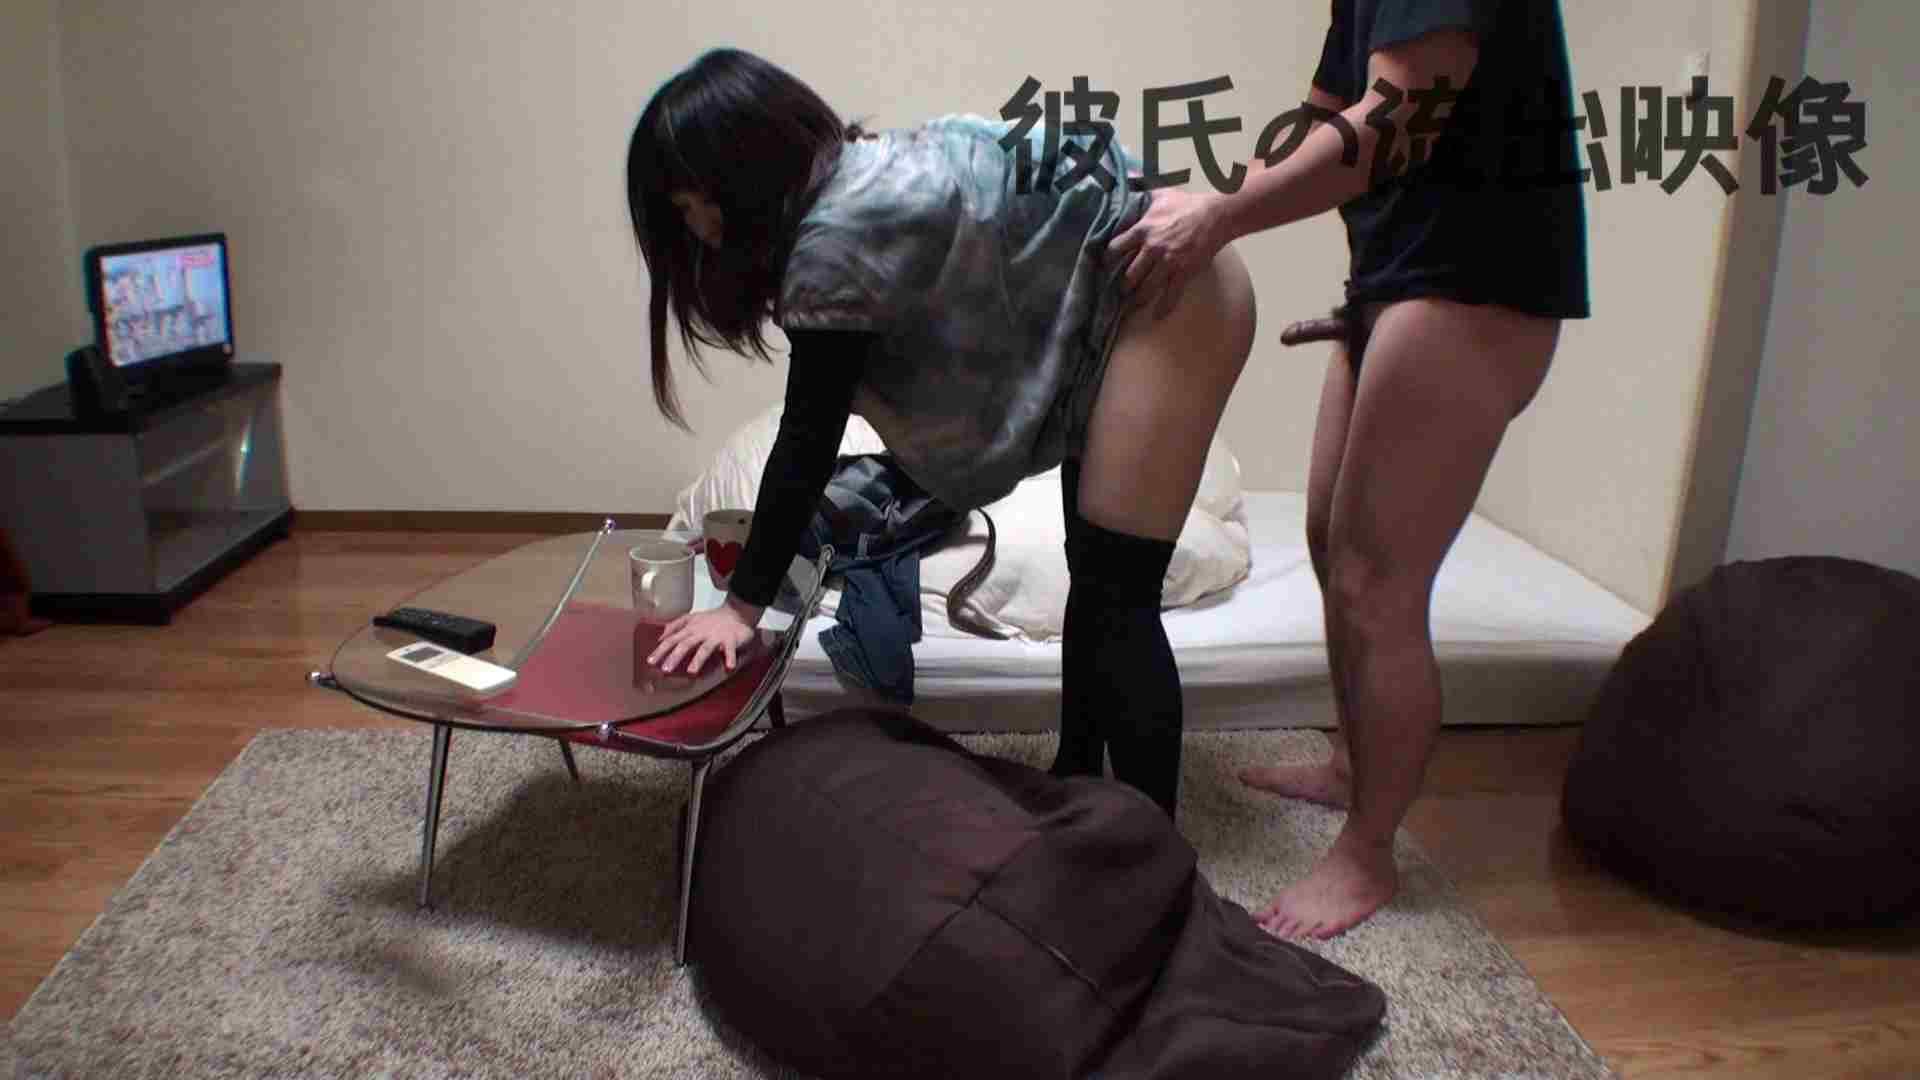 彼氏が流出 パイパン素人嬢のハメ撮り映像02 中出し ワレメ動画紹介 46pic 33